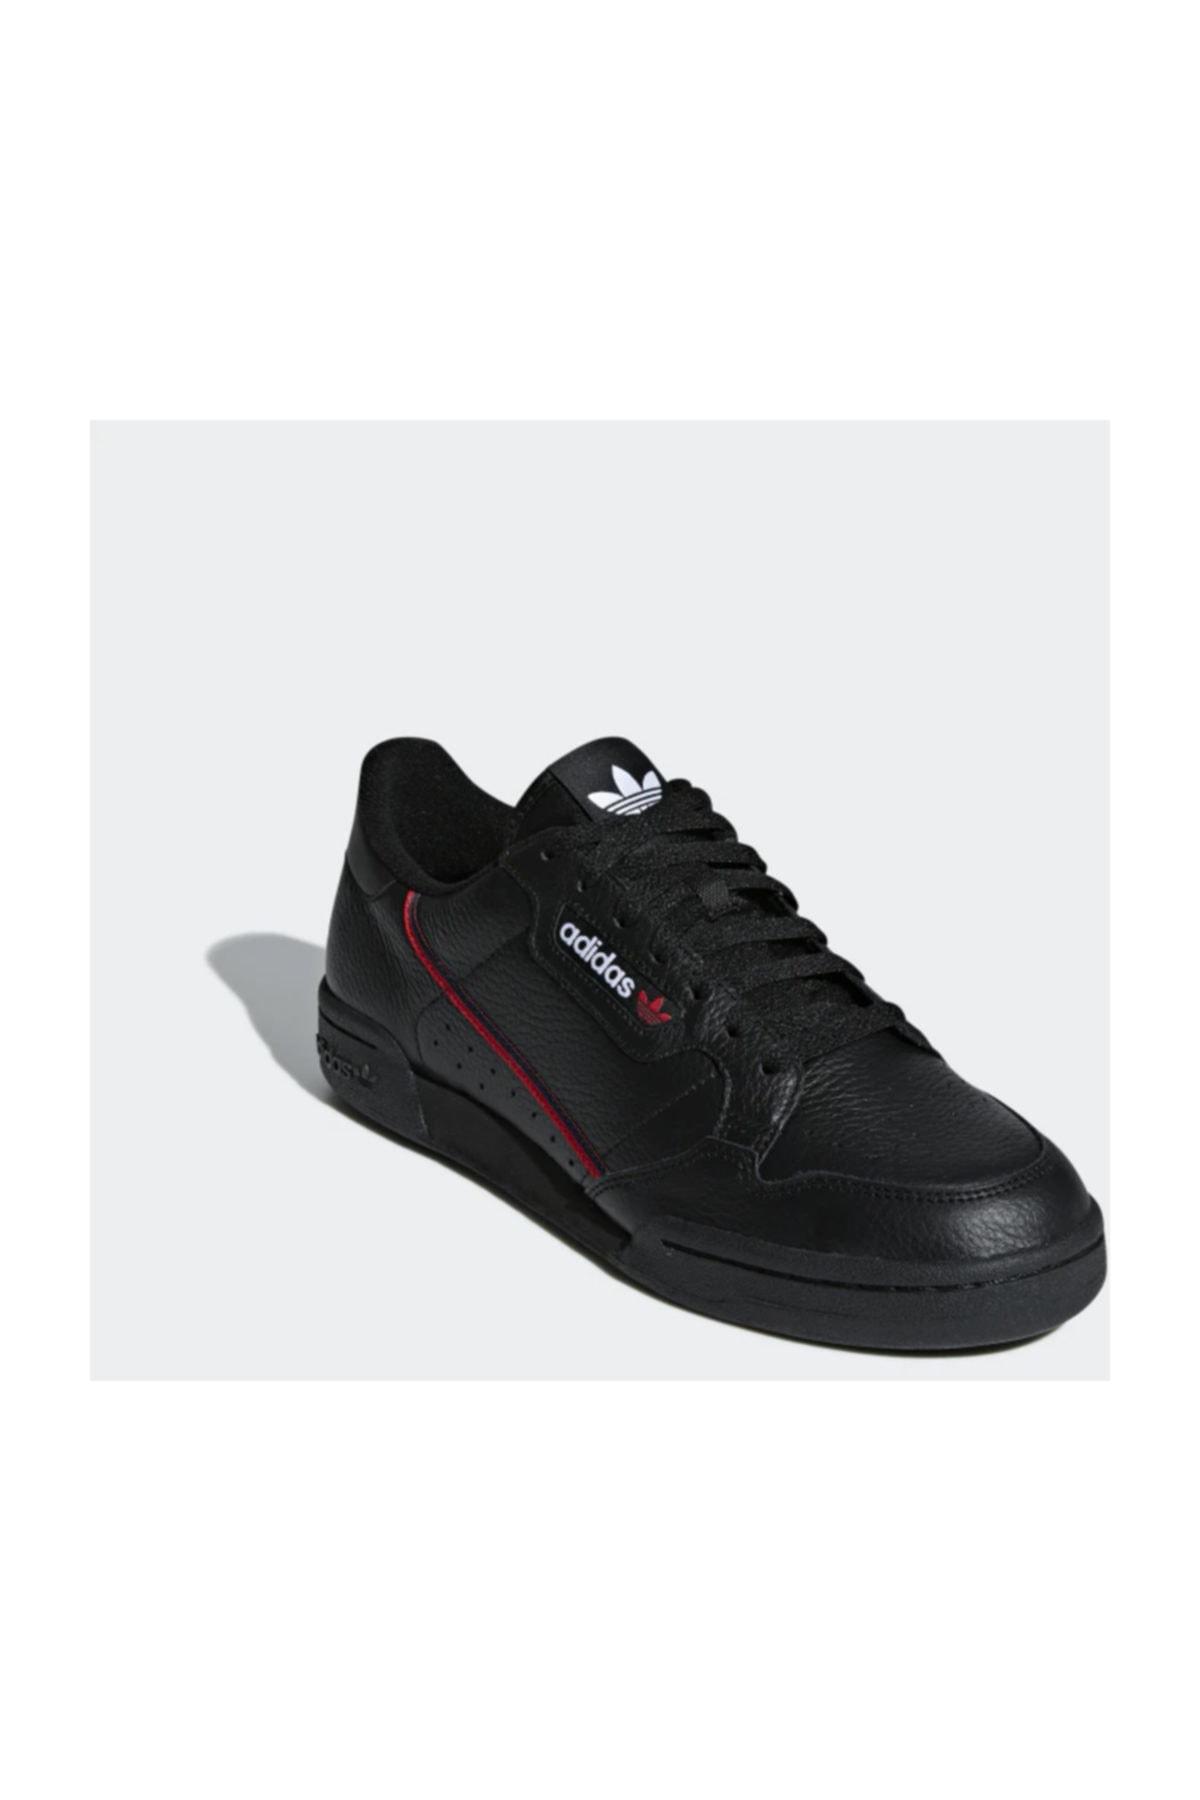 adidas Erkek Günlük Spor Ayakkabı G27707 Contınental 80 1